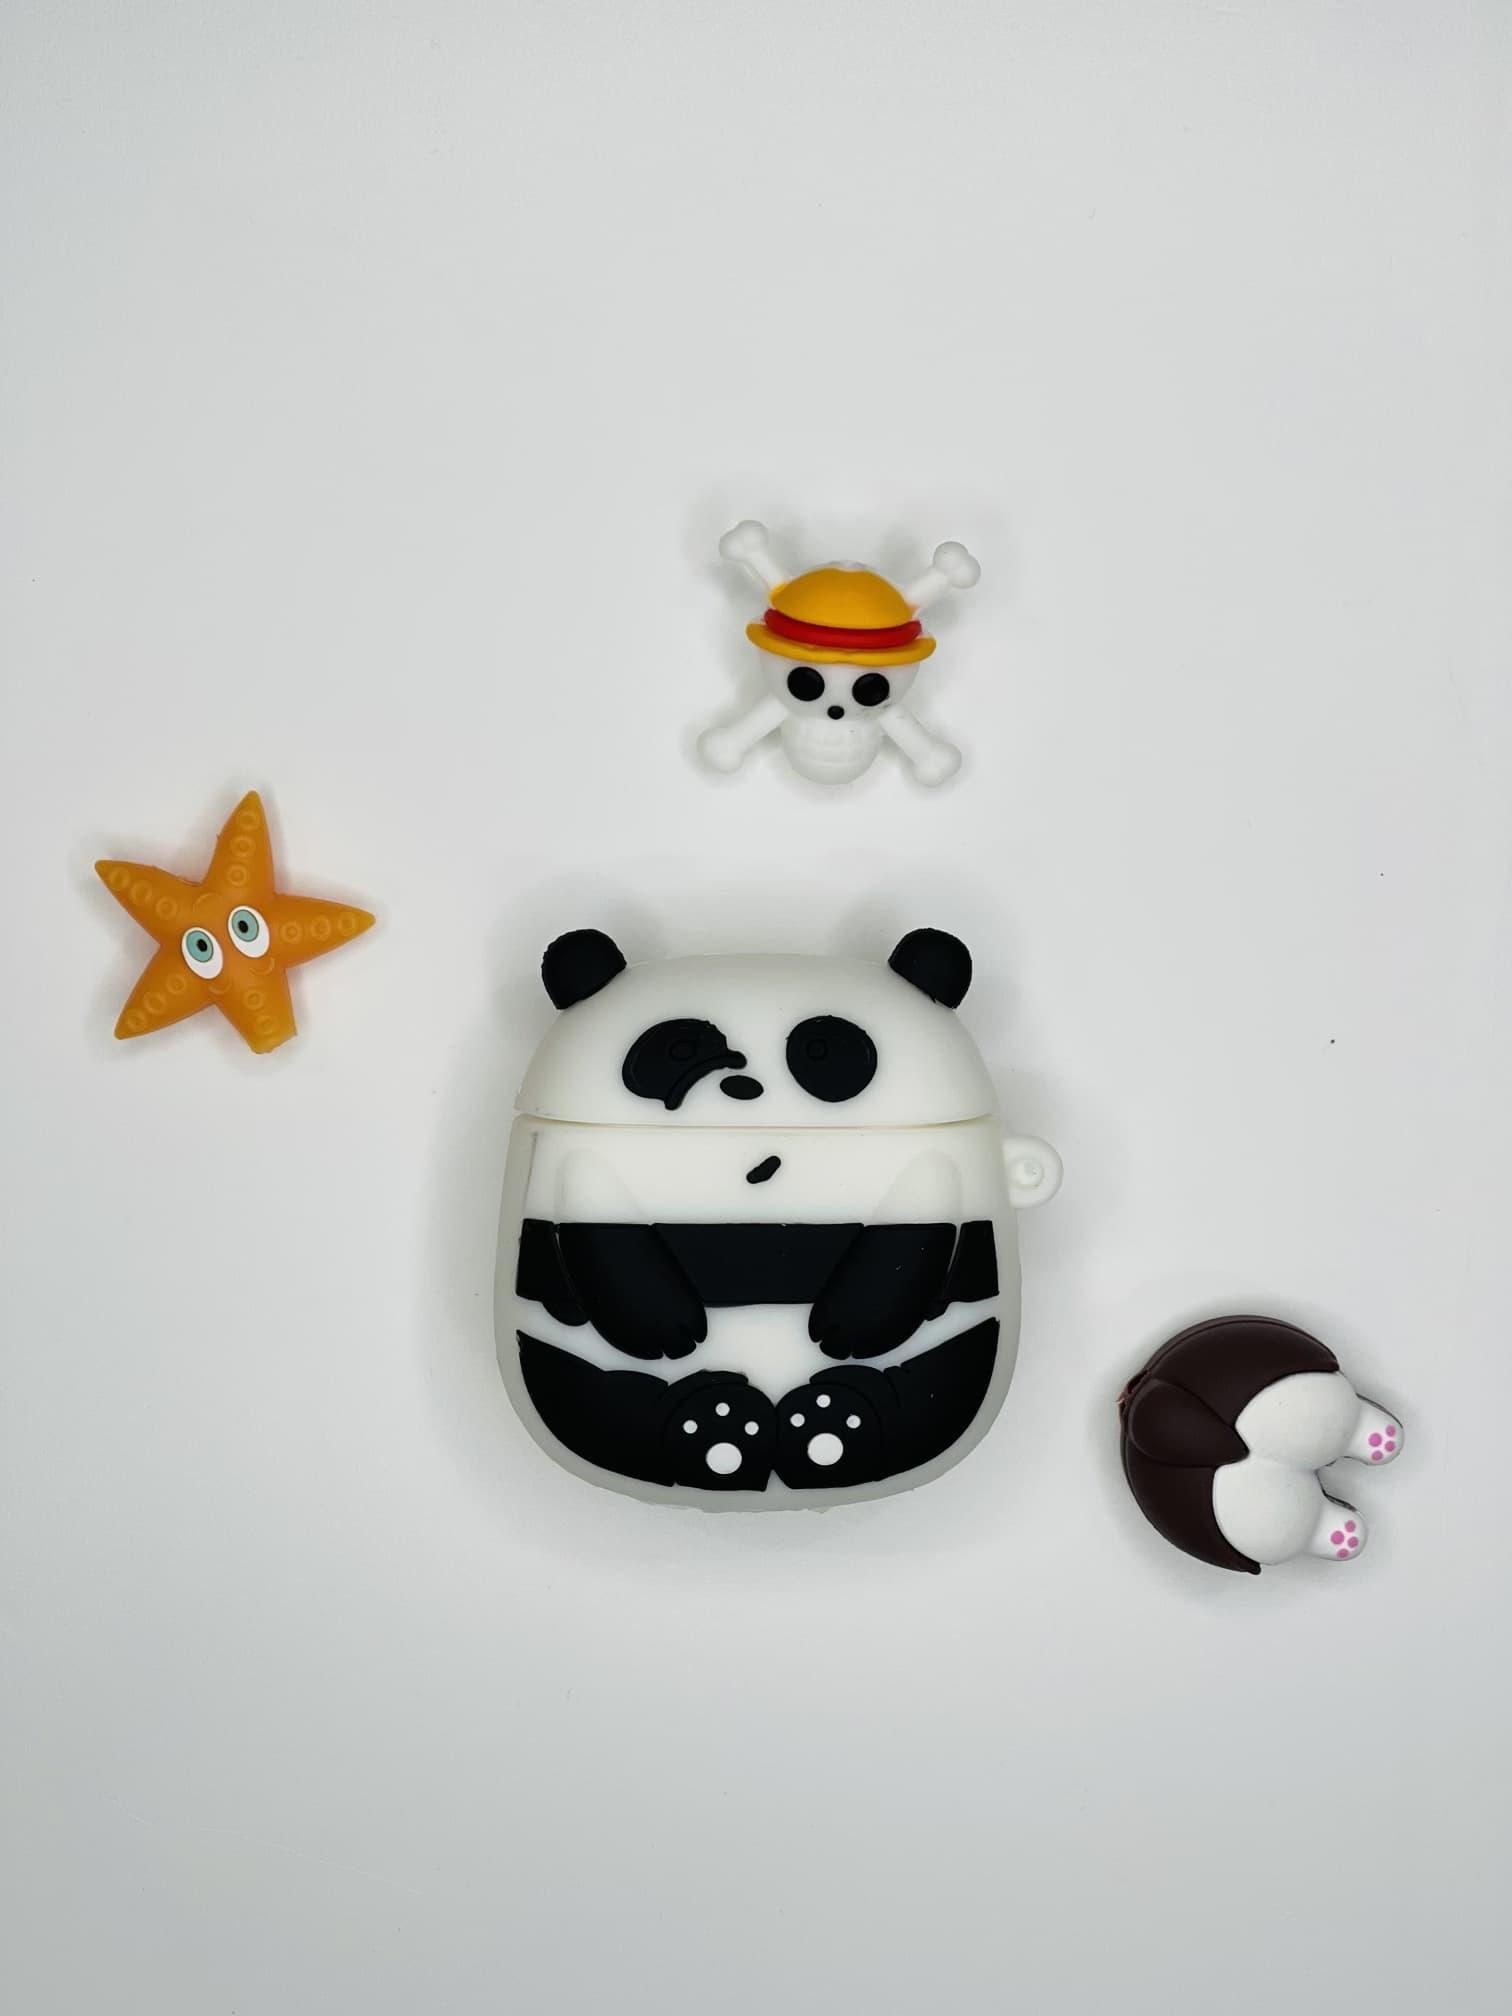 Panda Figürlü AirPods 2 Kılıfı